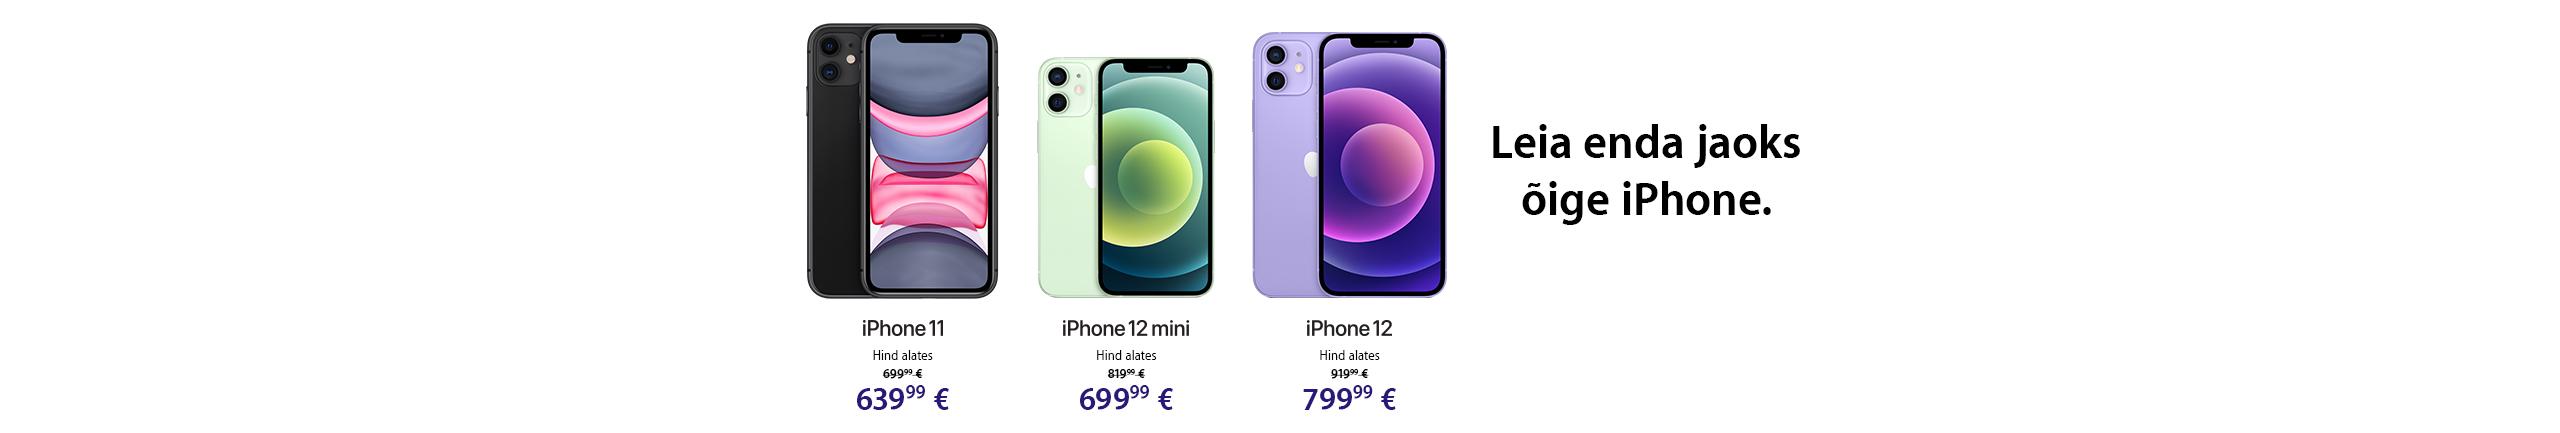 FPS Apple iPhone 11, iPhone 12 ja iPhone 12 mini eripakkumine